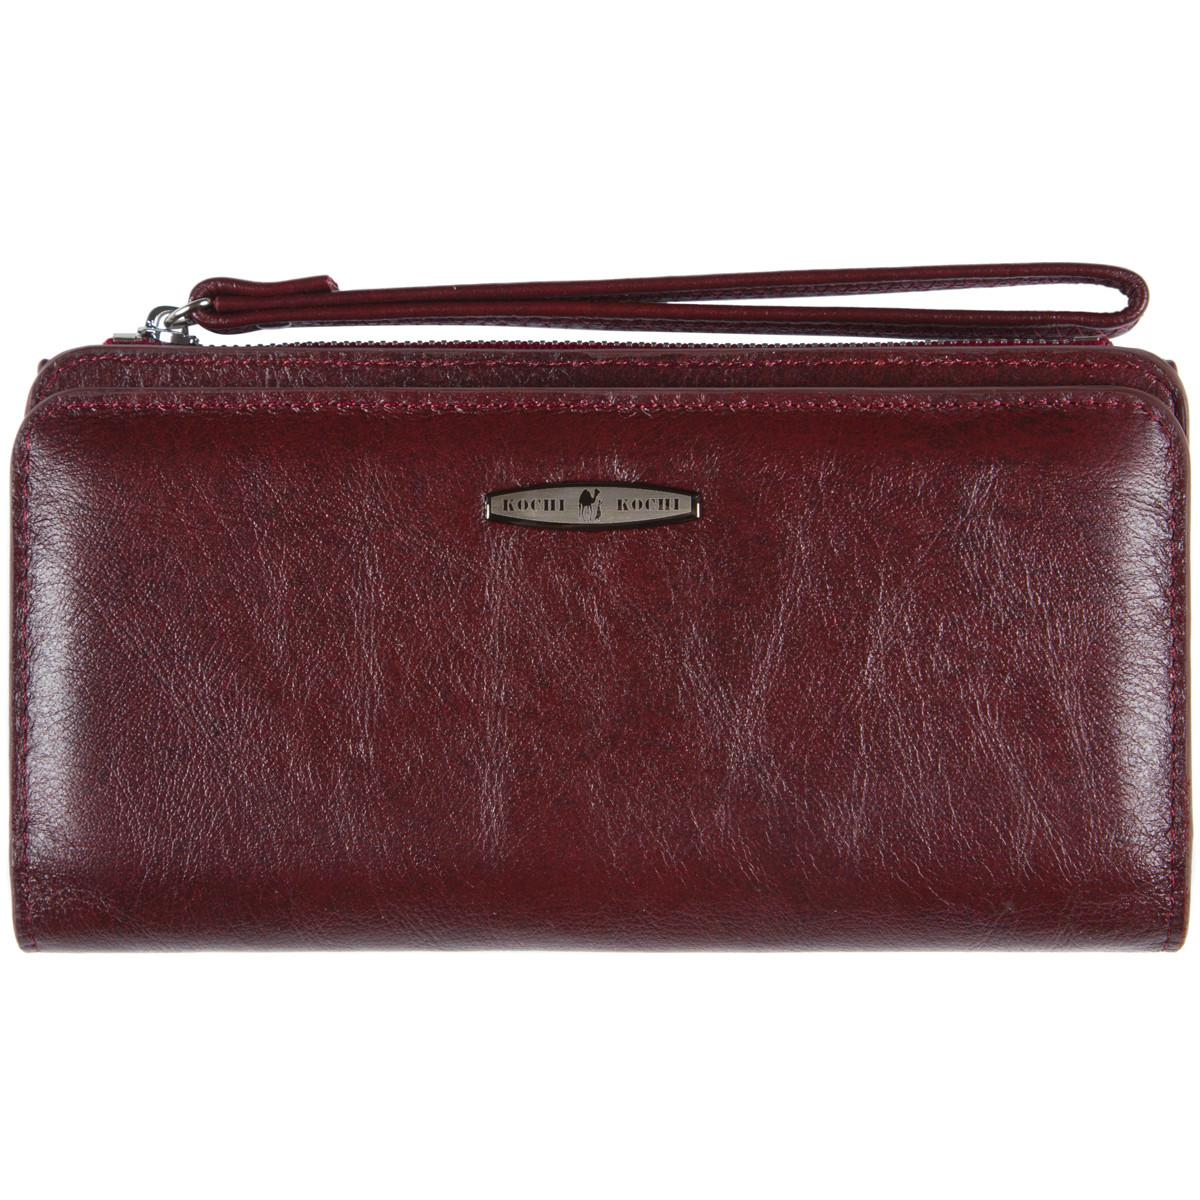 Кожаная женская барсетка-кошелёк KOCHI  с ремешком на руку 190х97х20 цвет темная вишня м К6838-Н09виш